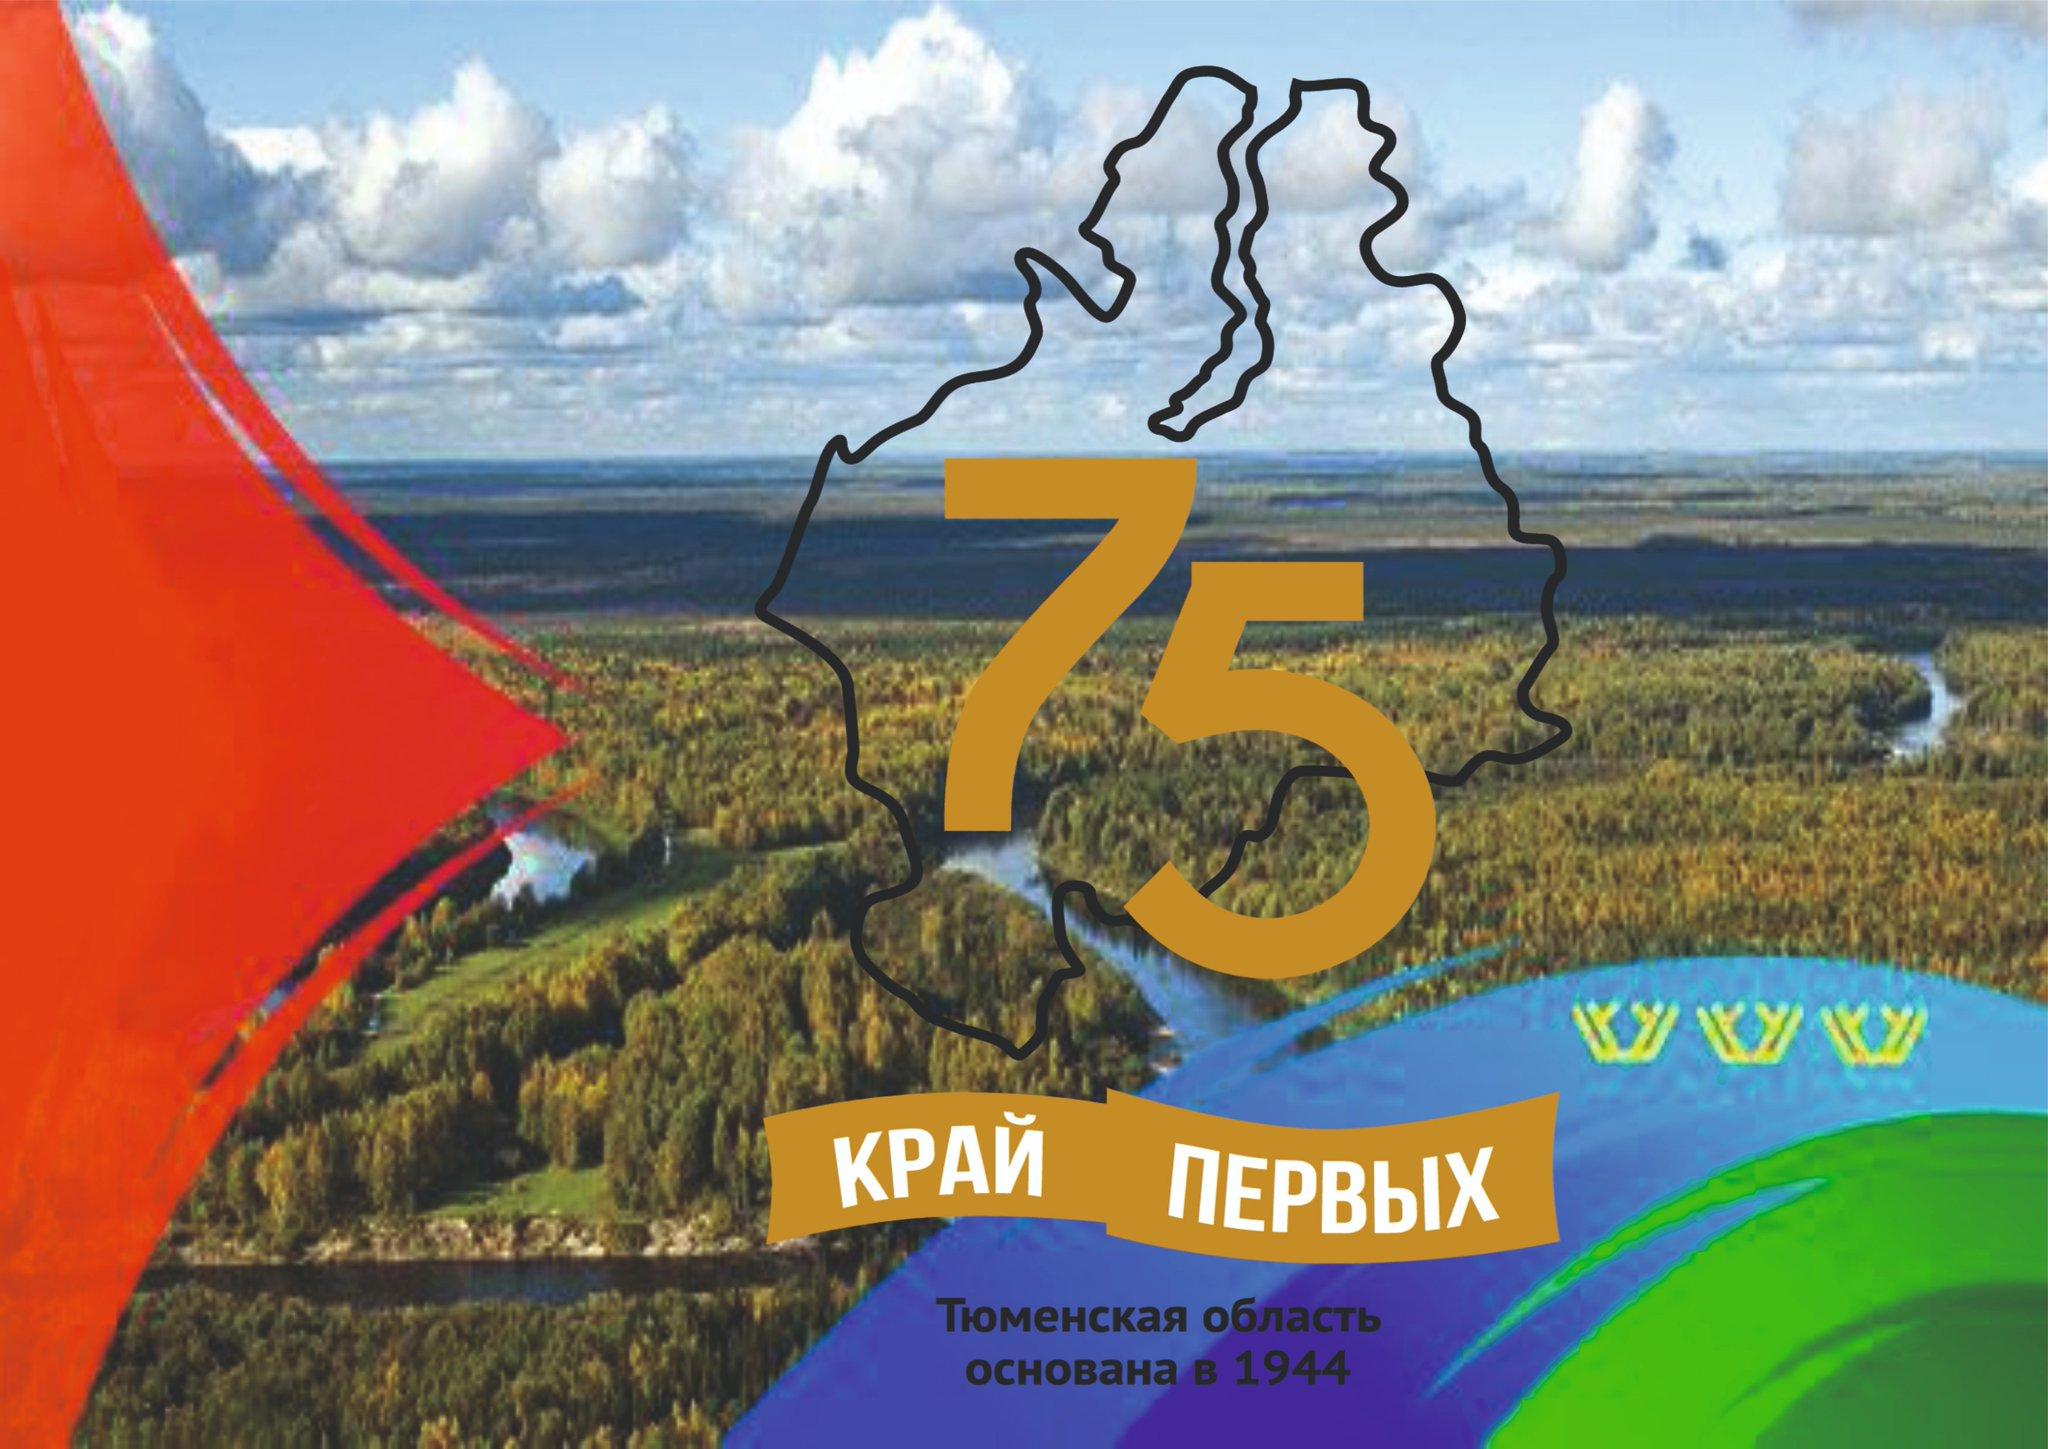 Днем рождения, открытка на 75 летие тюменской области